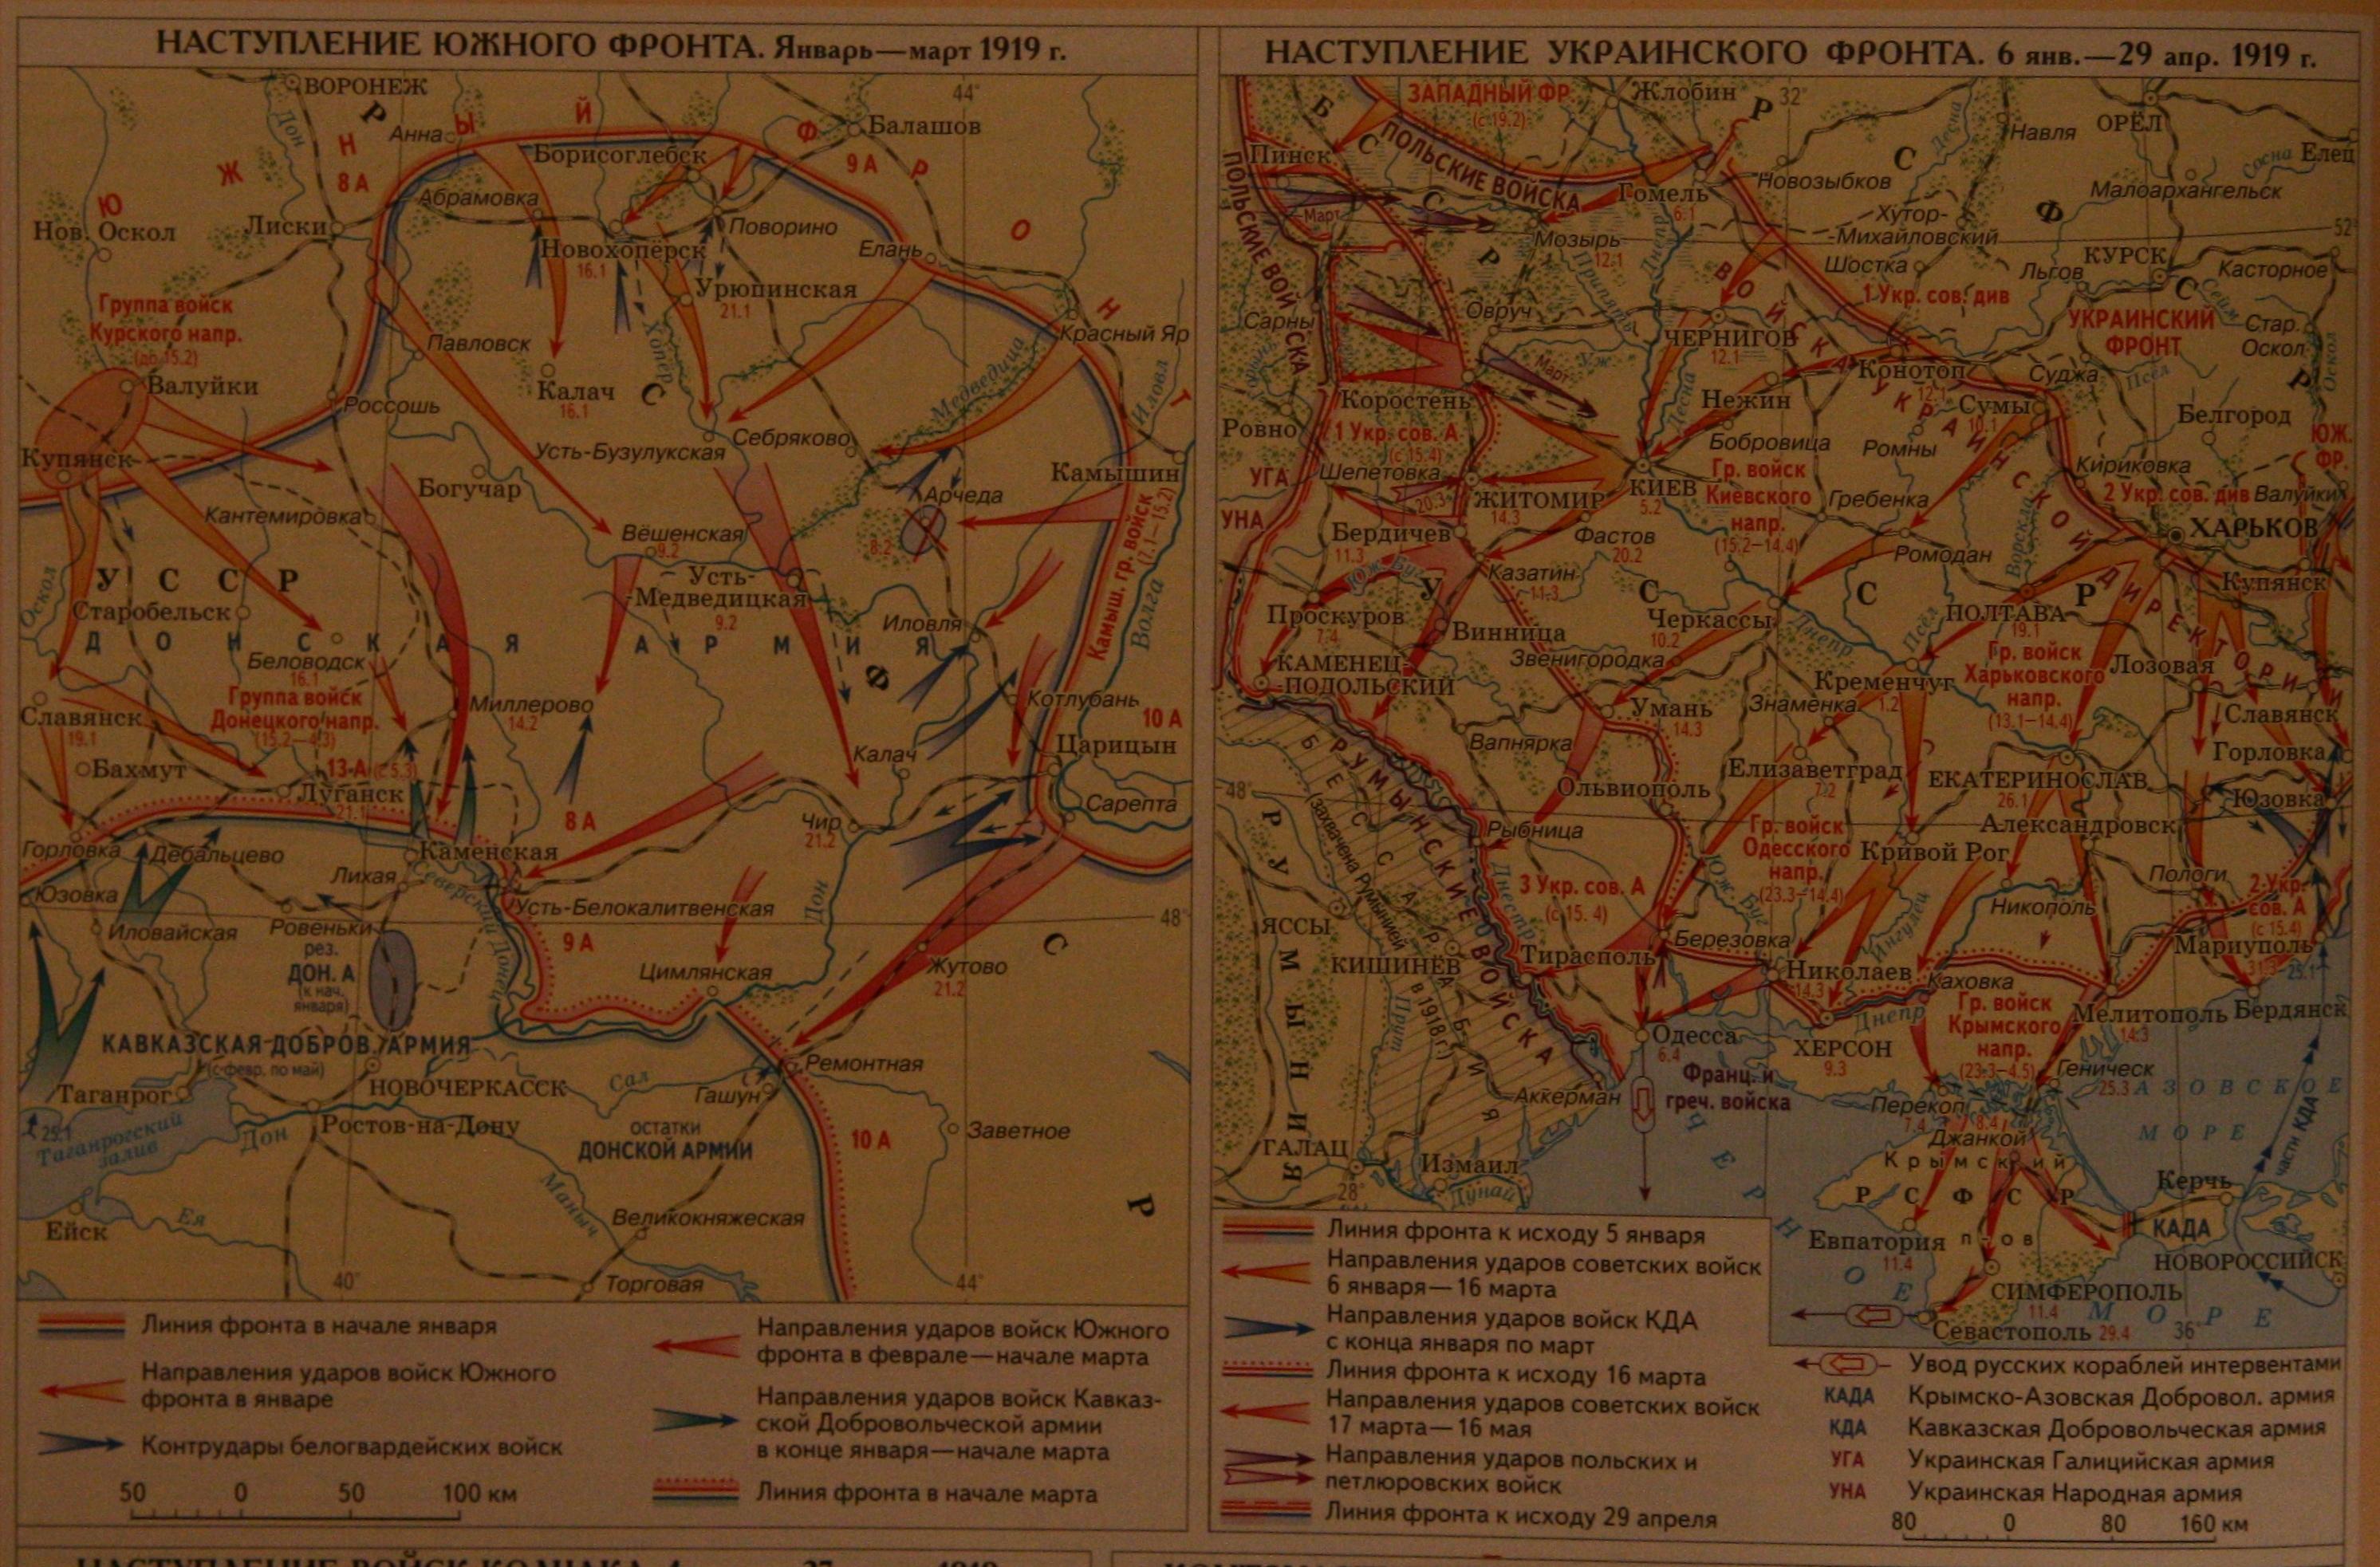 Оборона петрограда 1919 г наступление